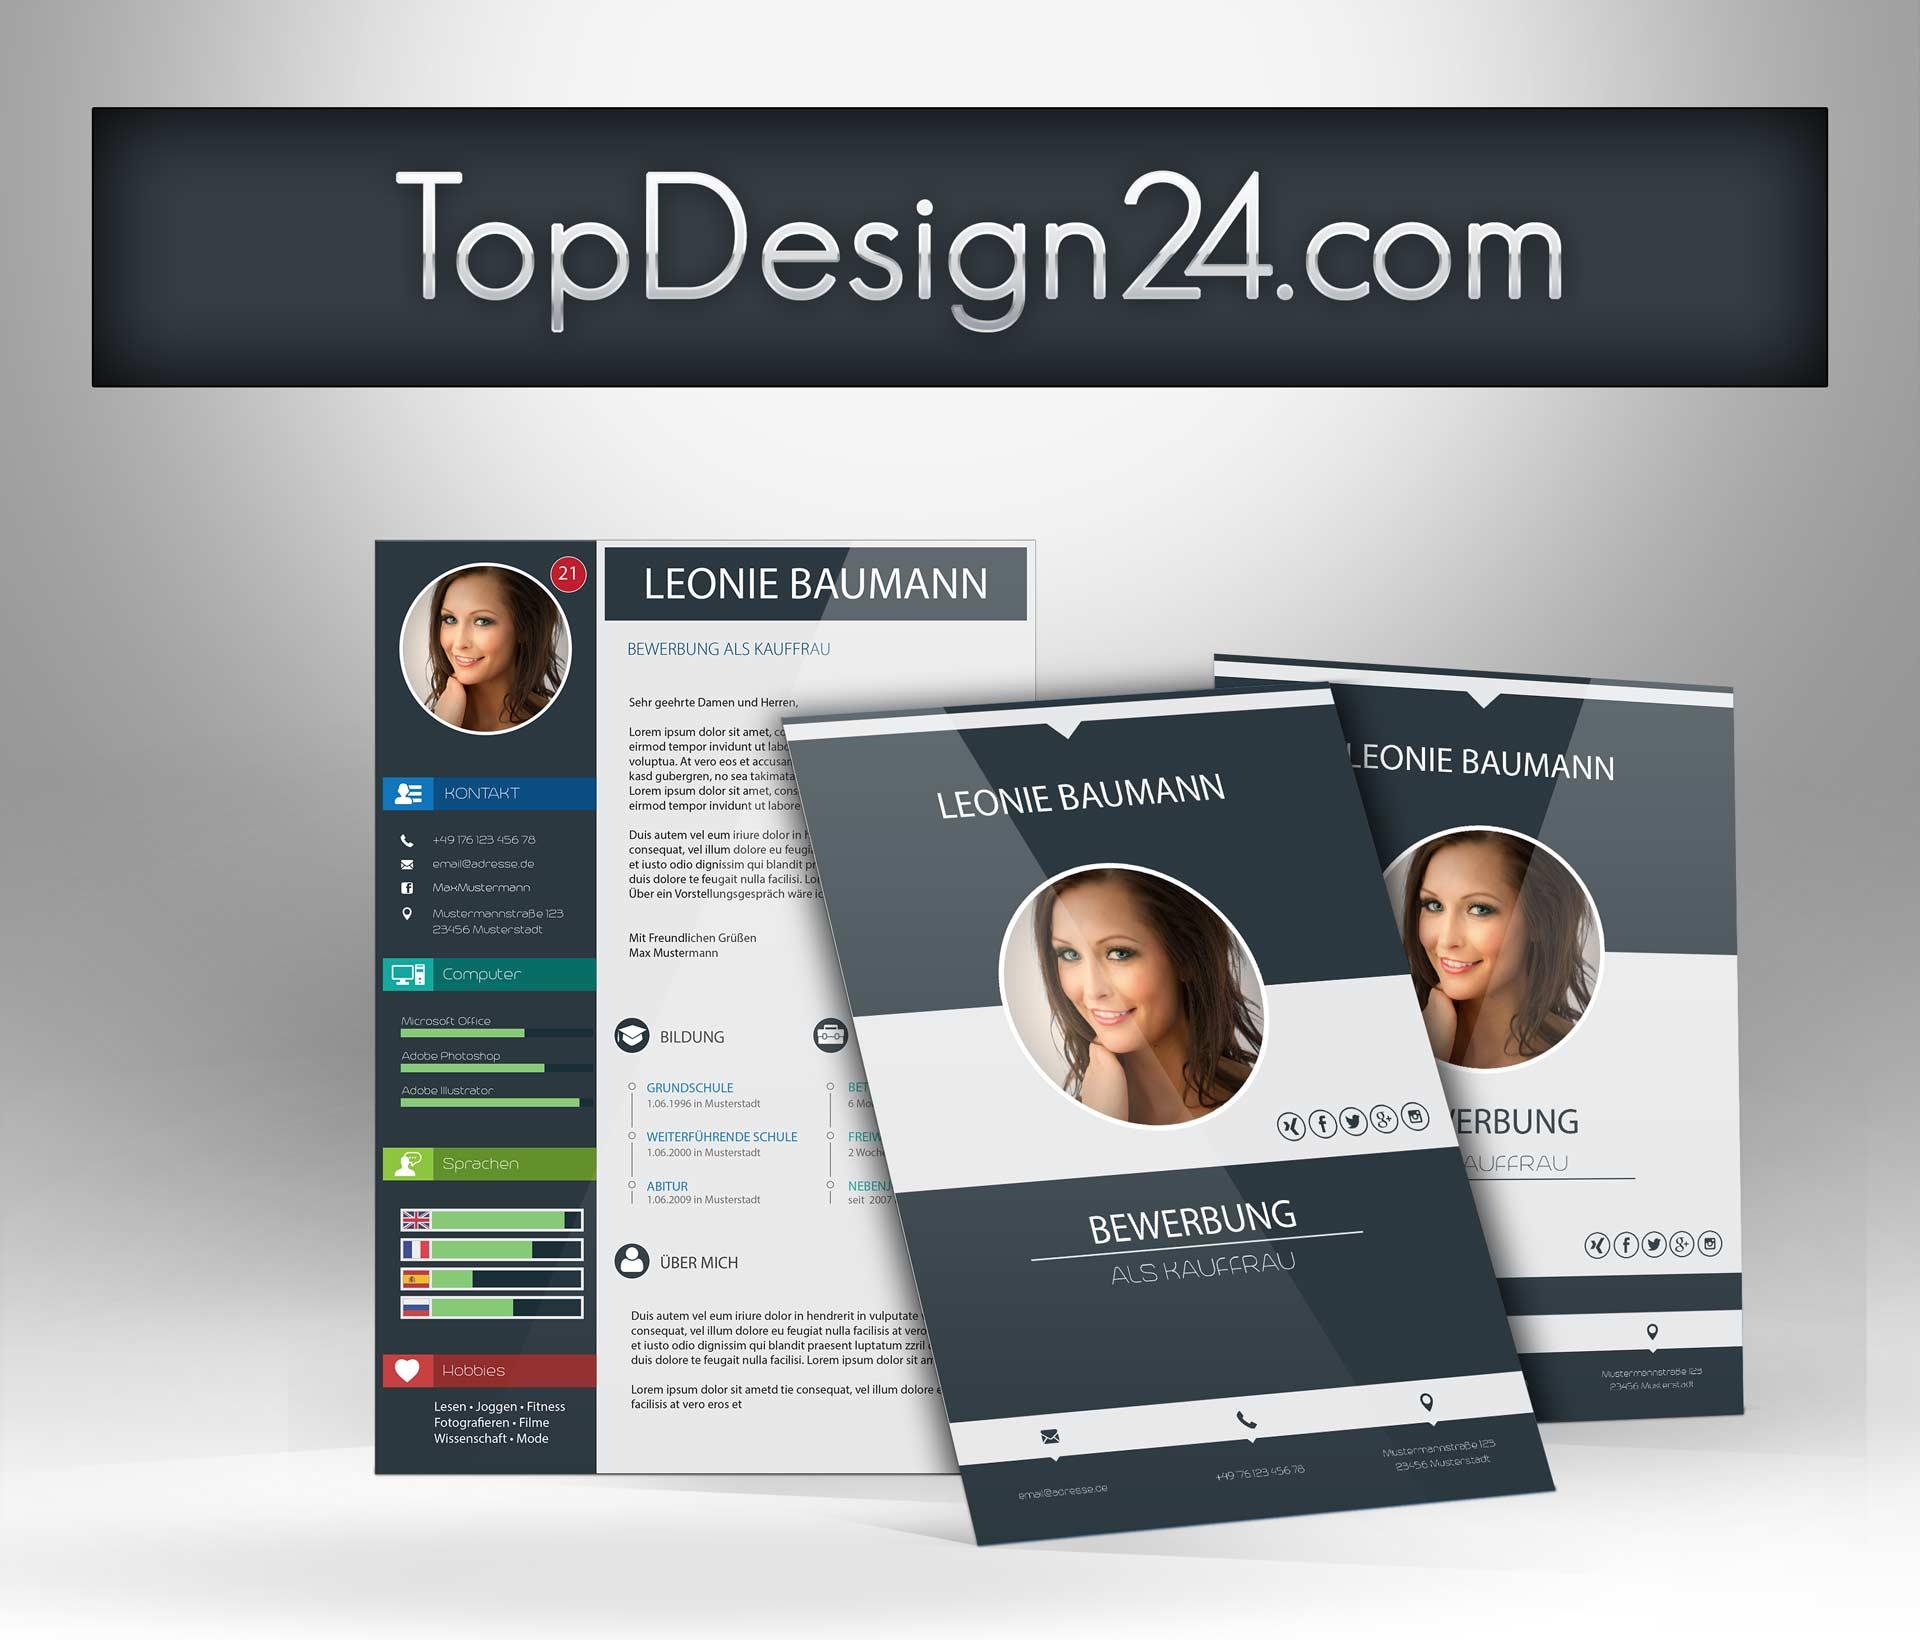 Moderne Bewerbung - TopDesign24- ideales Deckblatt